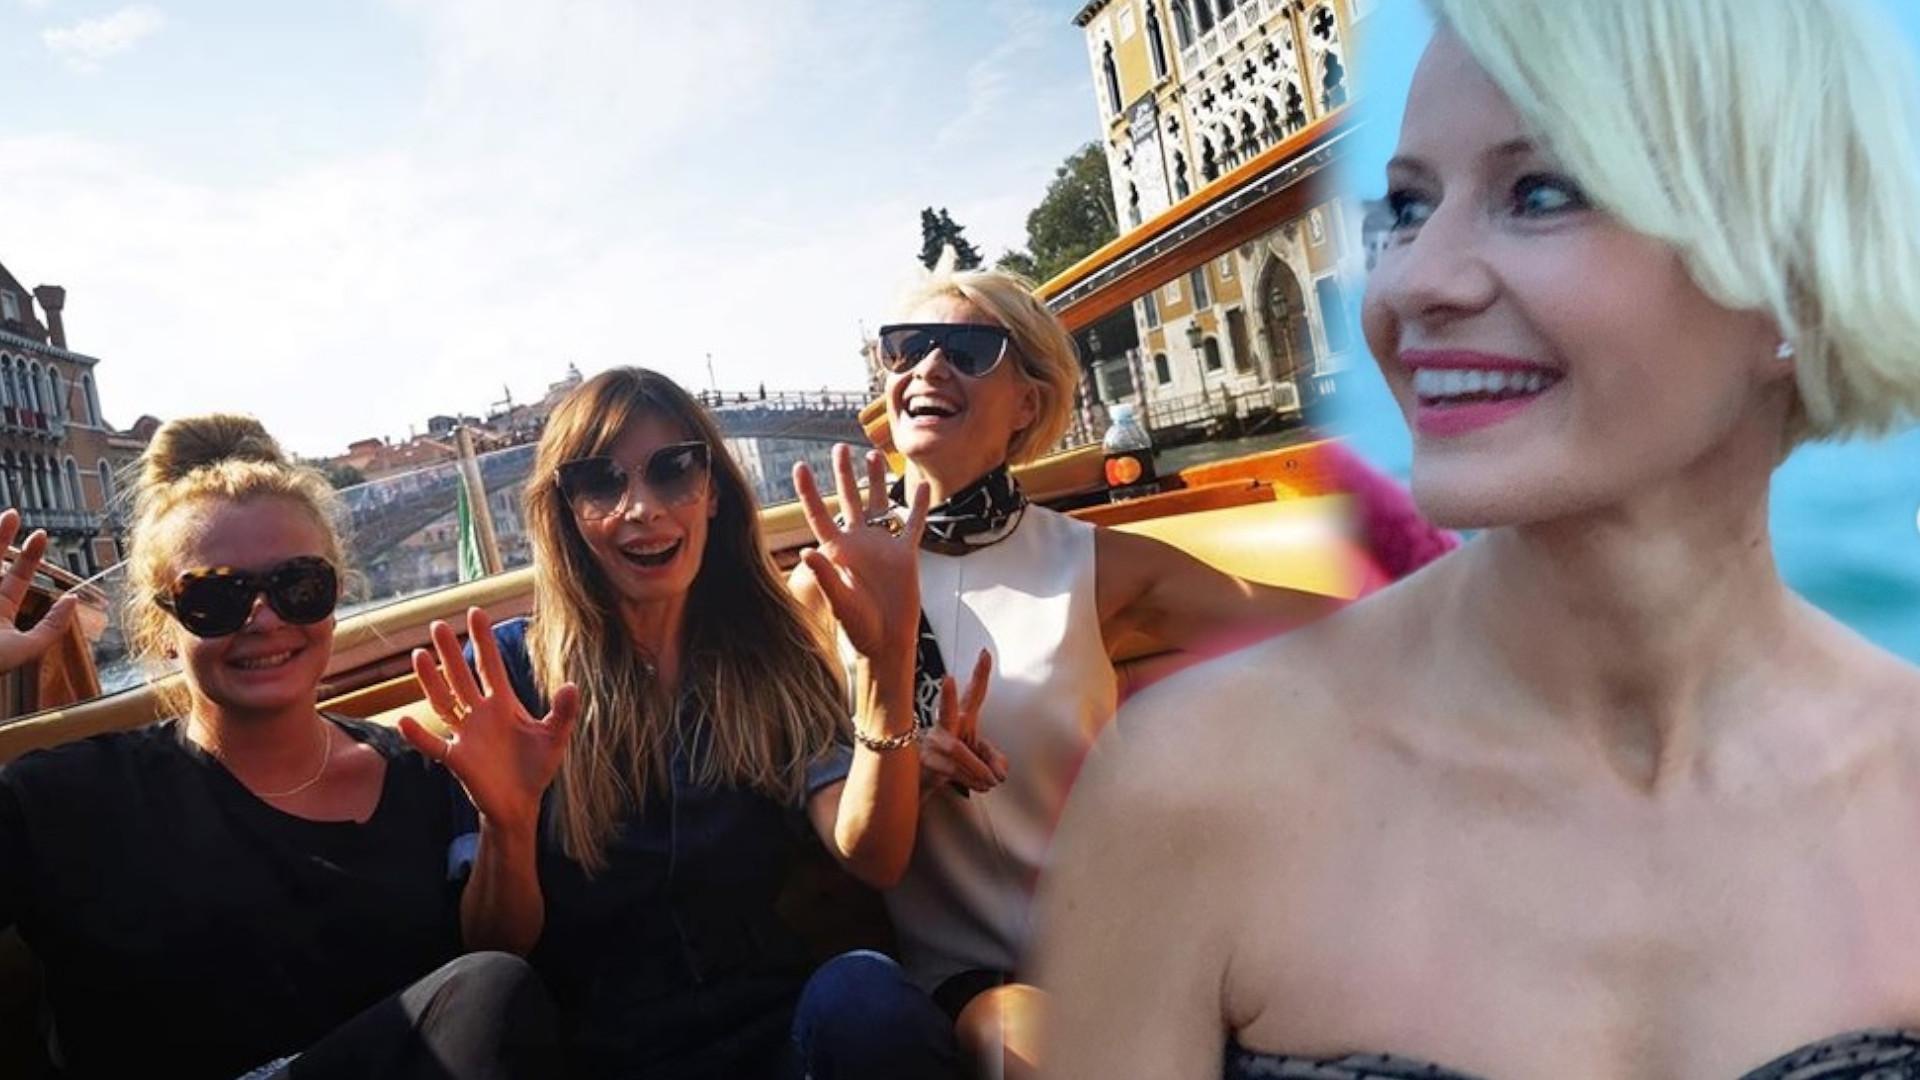 Małgorzata Kożuchowska na festiwalu w Wenecji. Fani jednogłośnie: proszę wrócić do starej fryzury